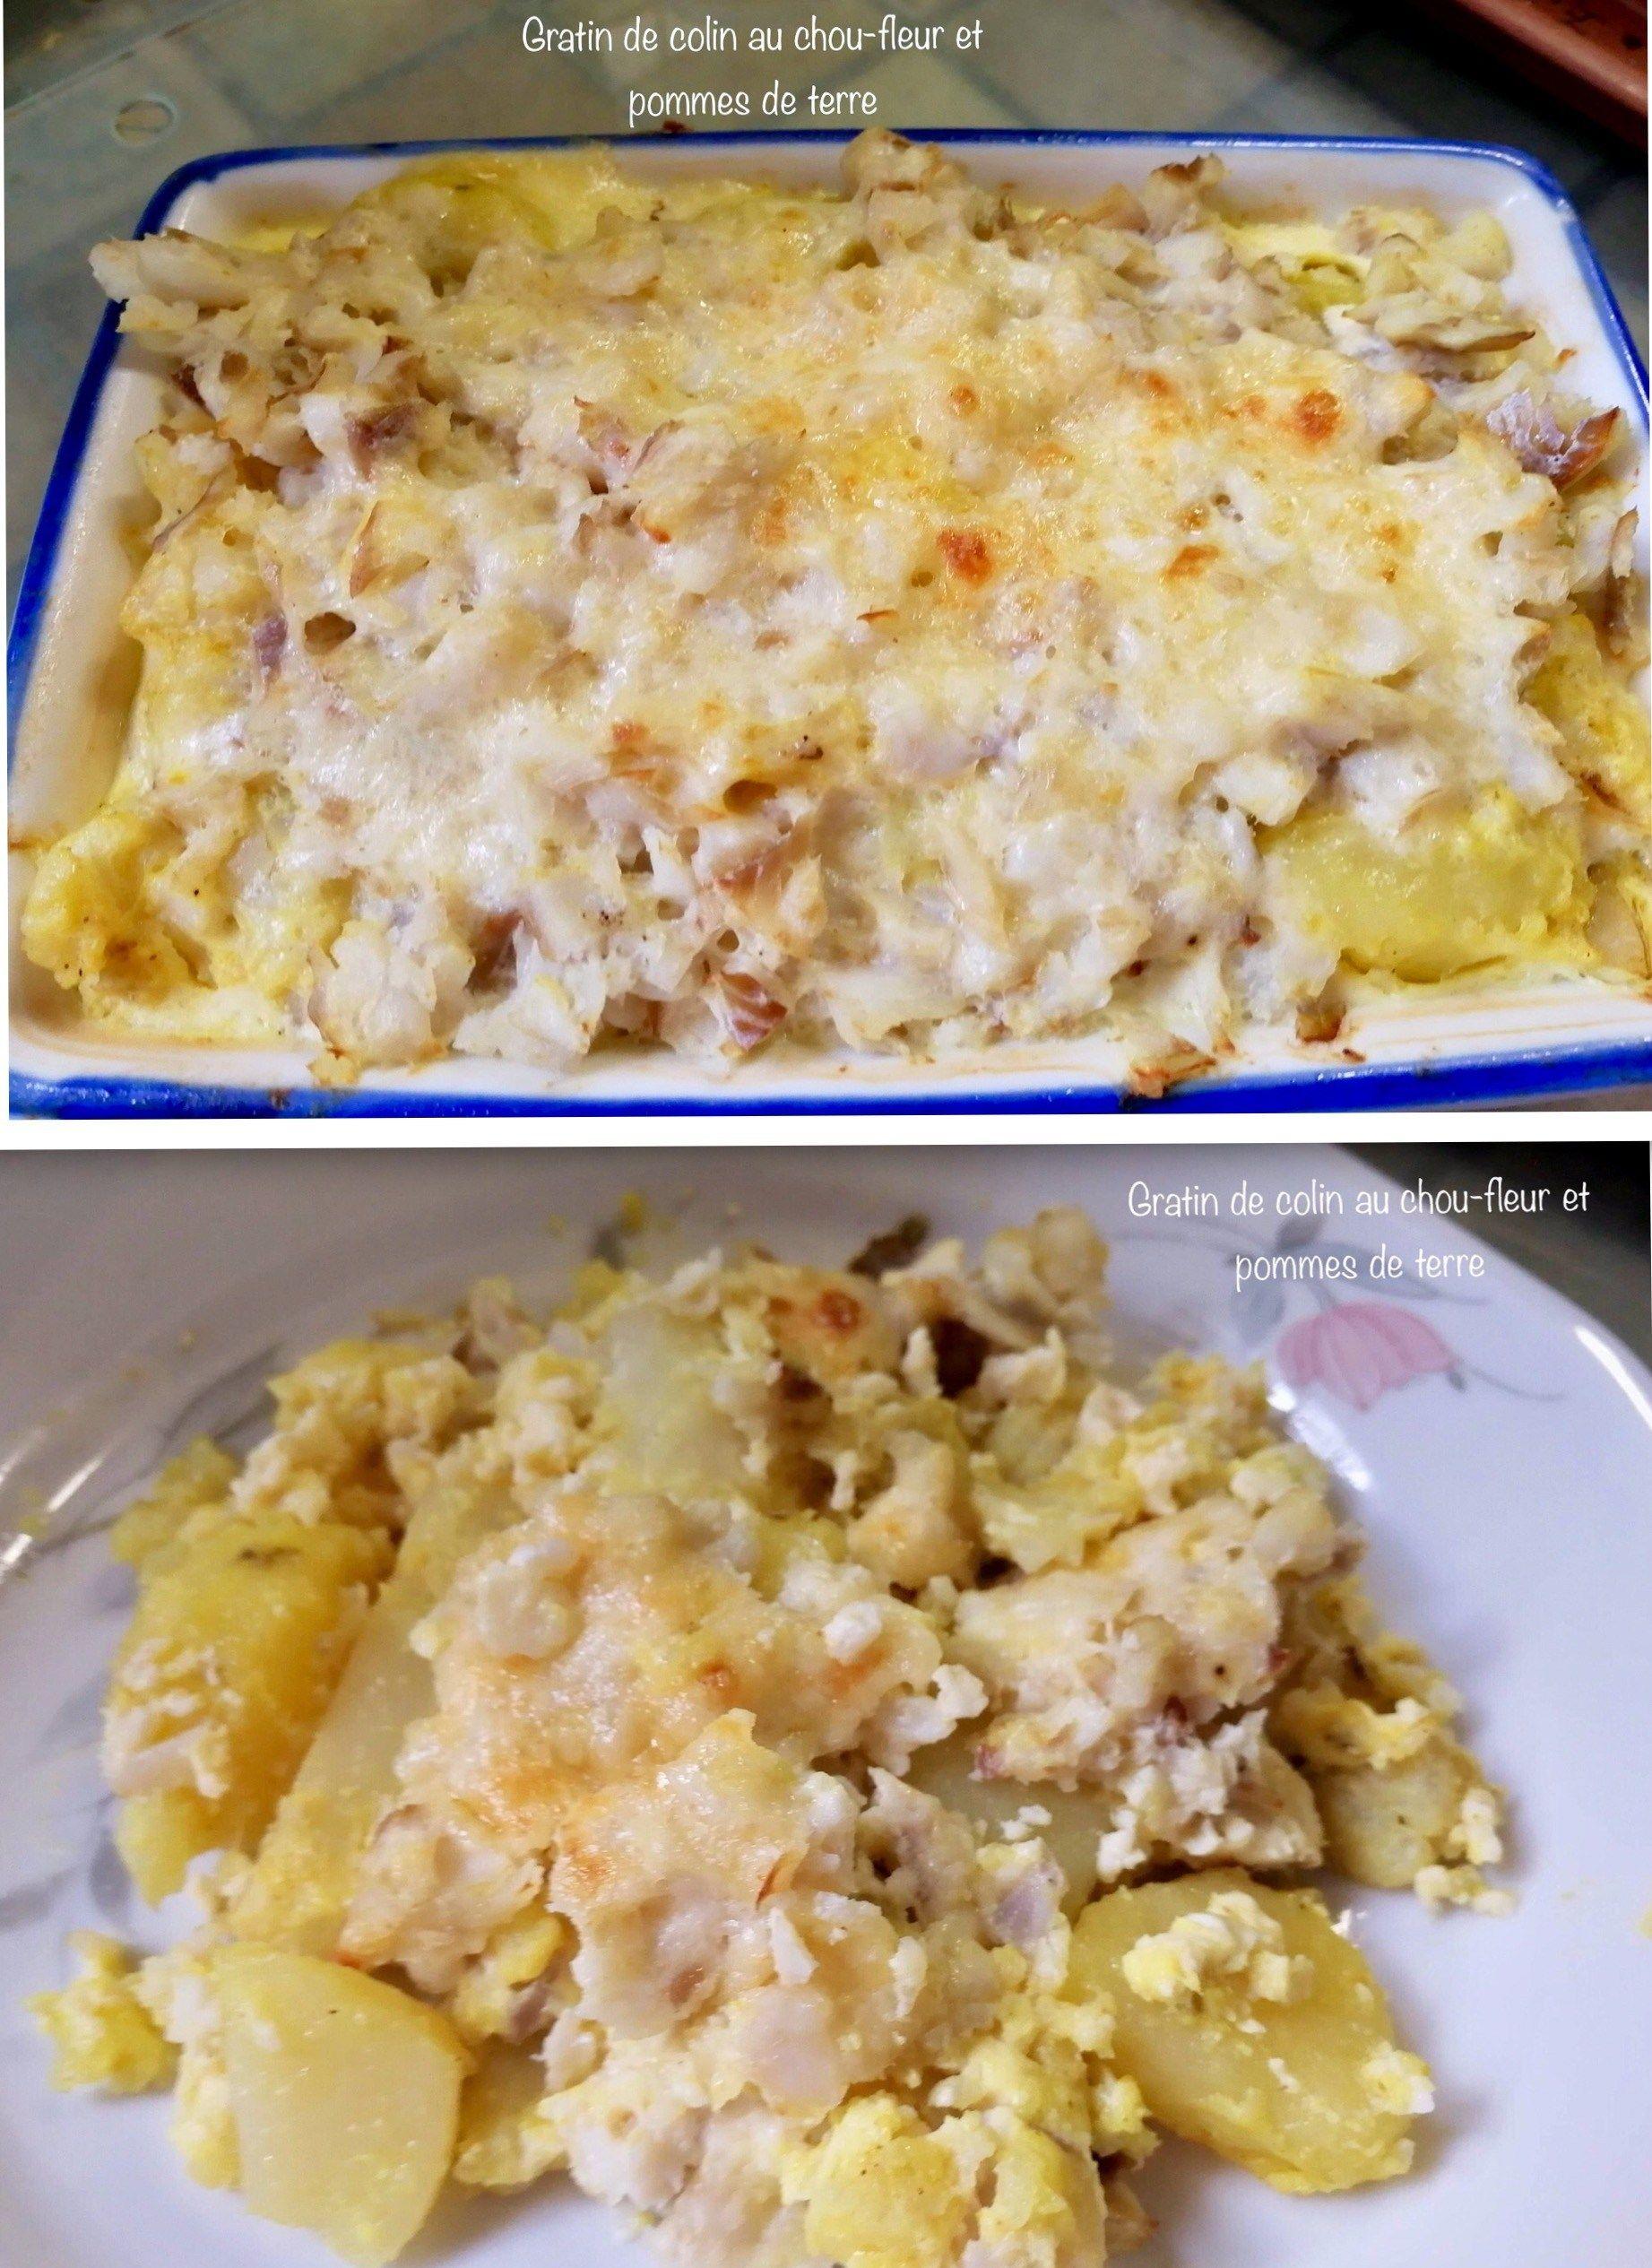 Gratin de colin chou-fleur et pommes de terre (avec images ...